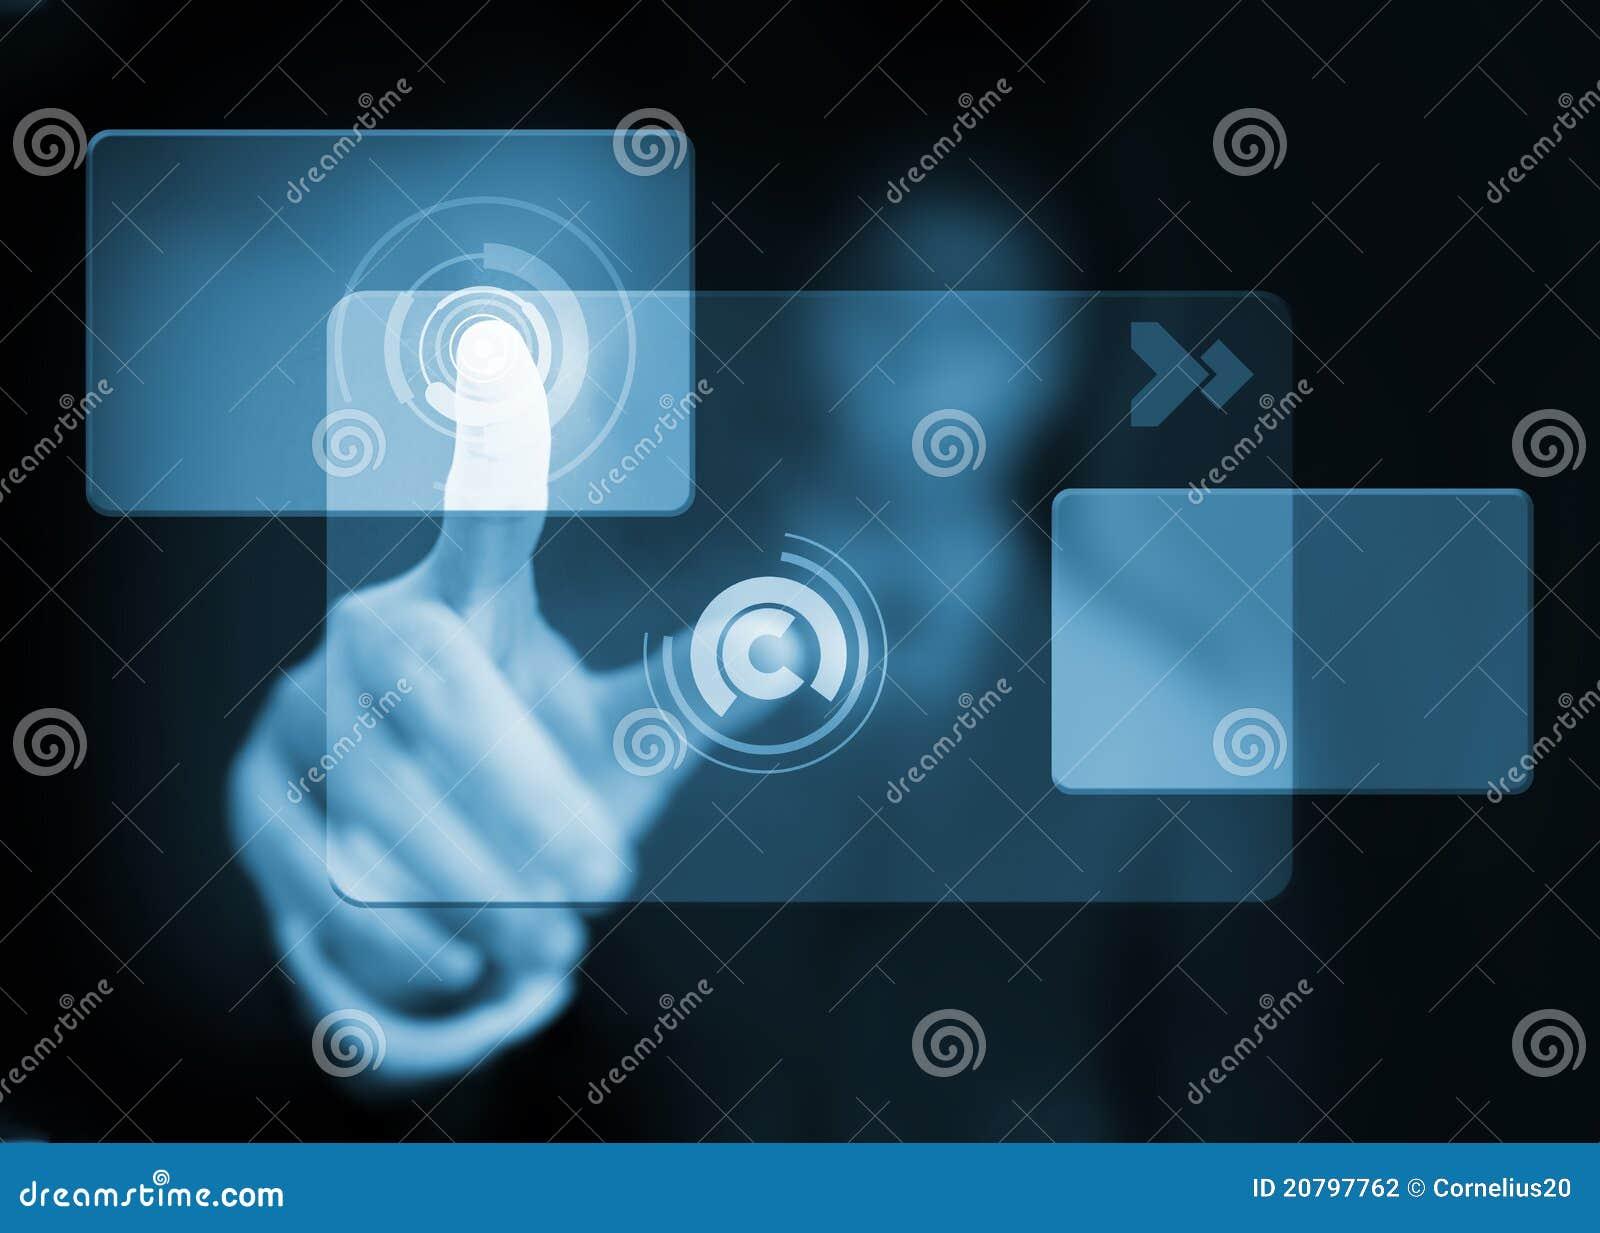 Trycka på för knapphand som är faktiskt